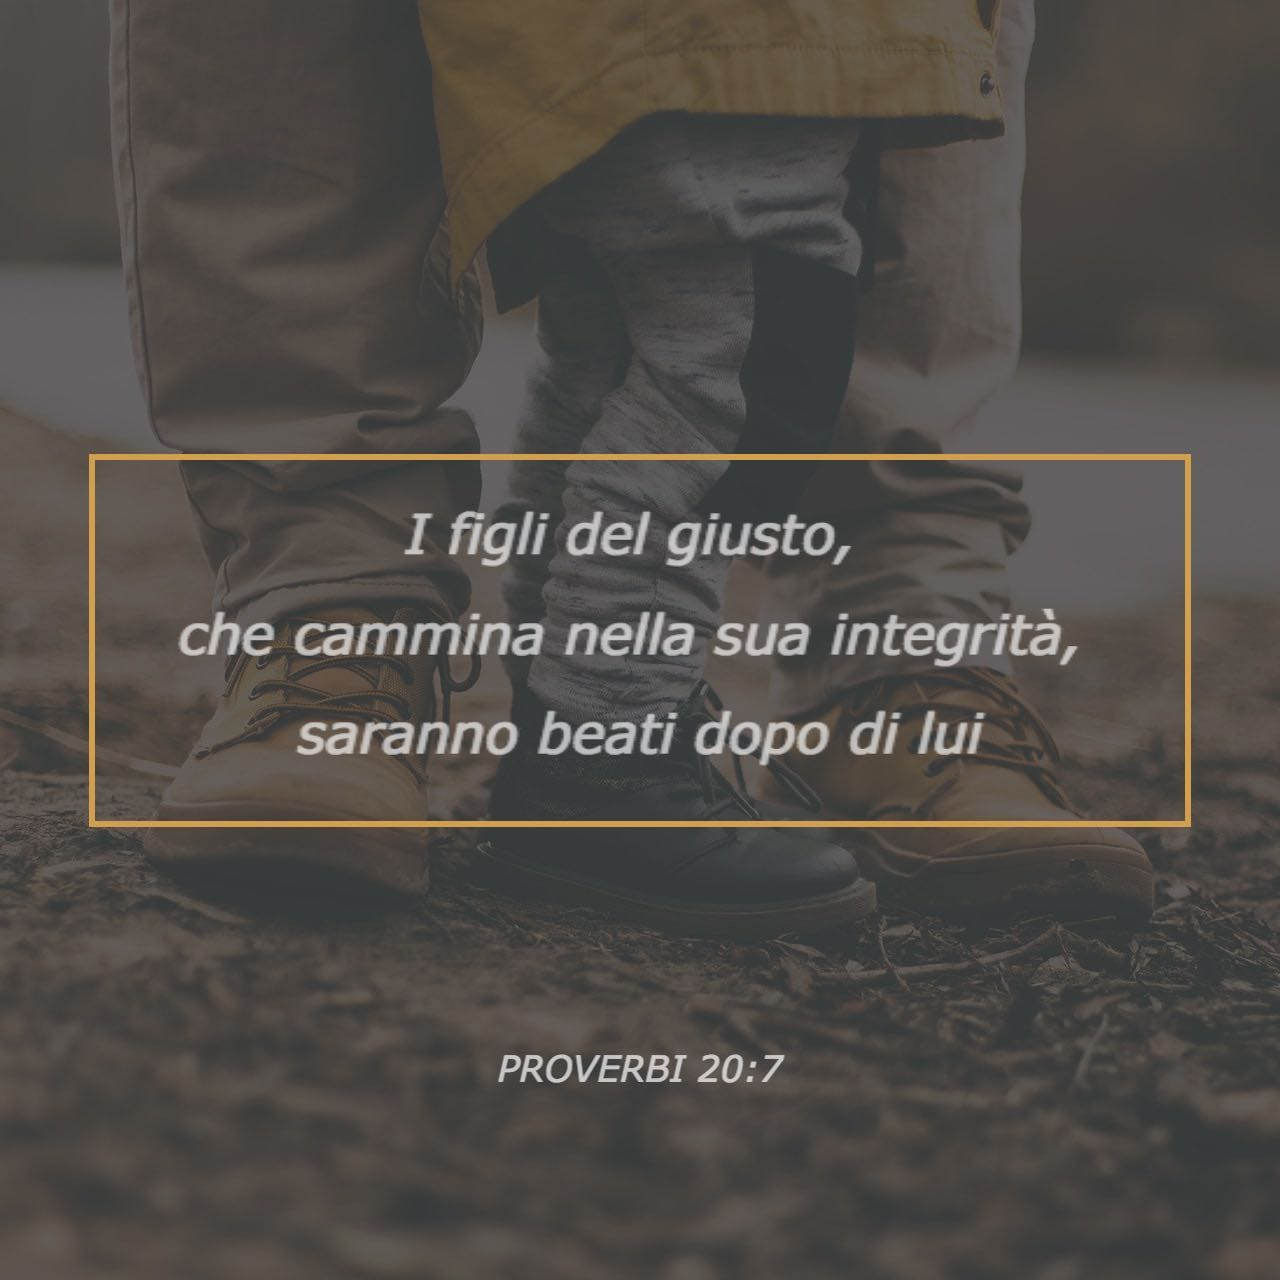 Proverbi 20:7 Immagine Versetto